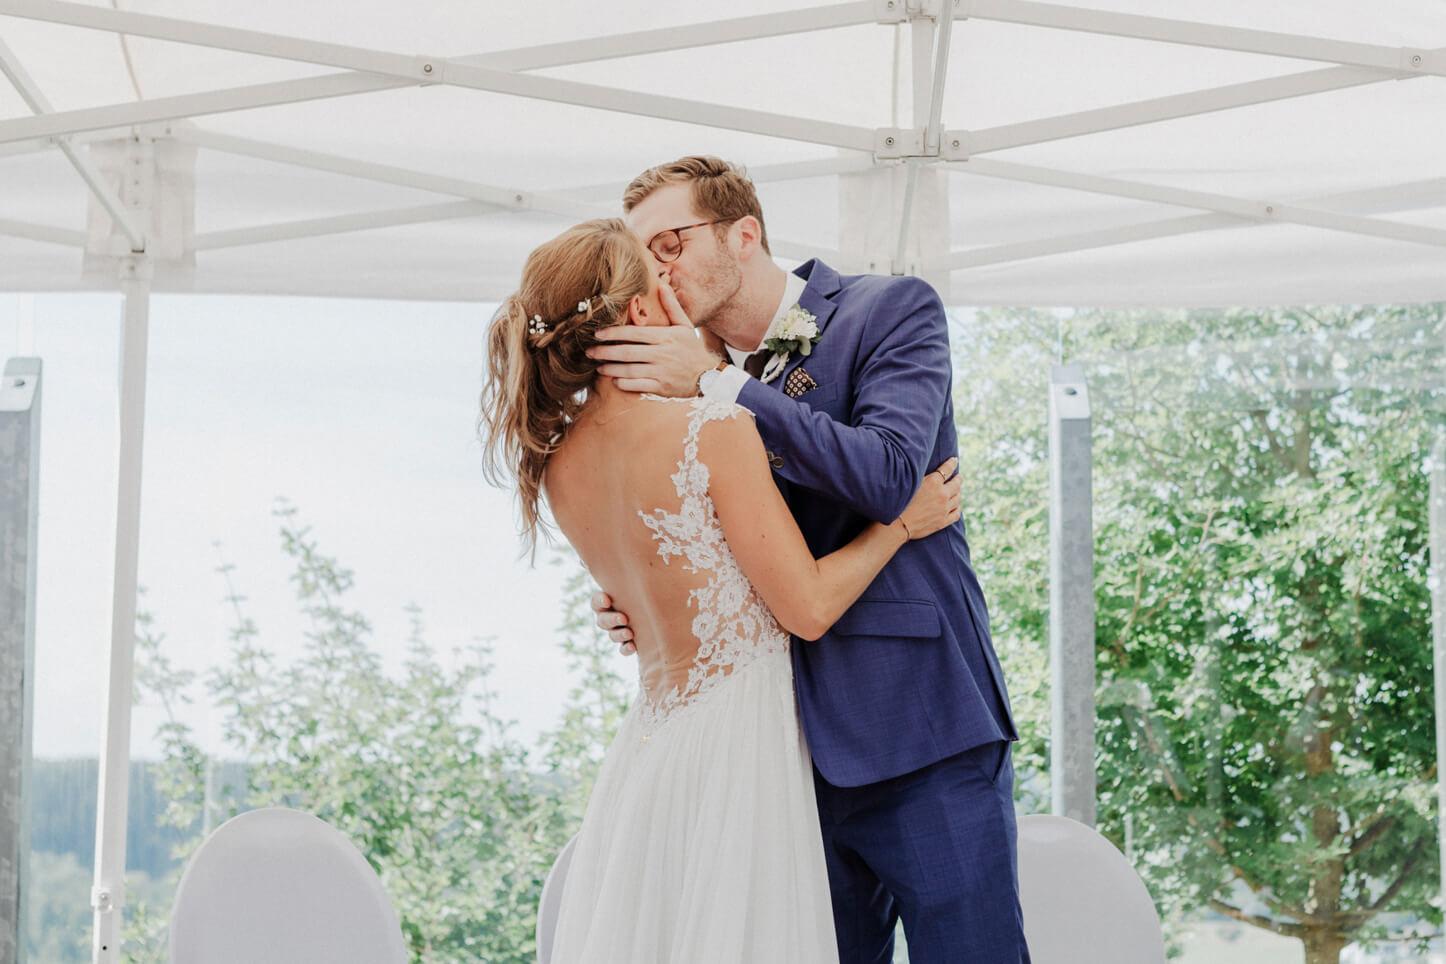 Küssendes Brautpaar nach der Trauung